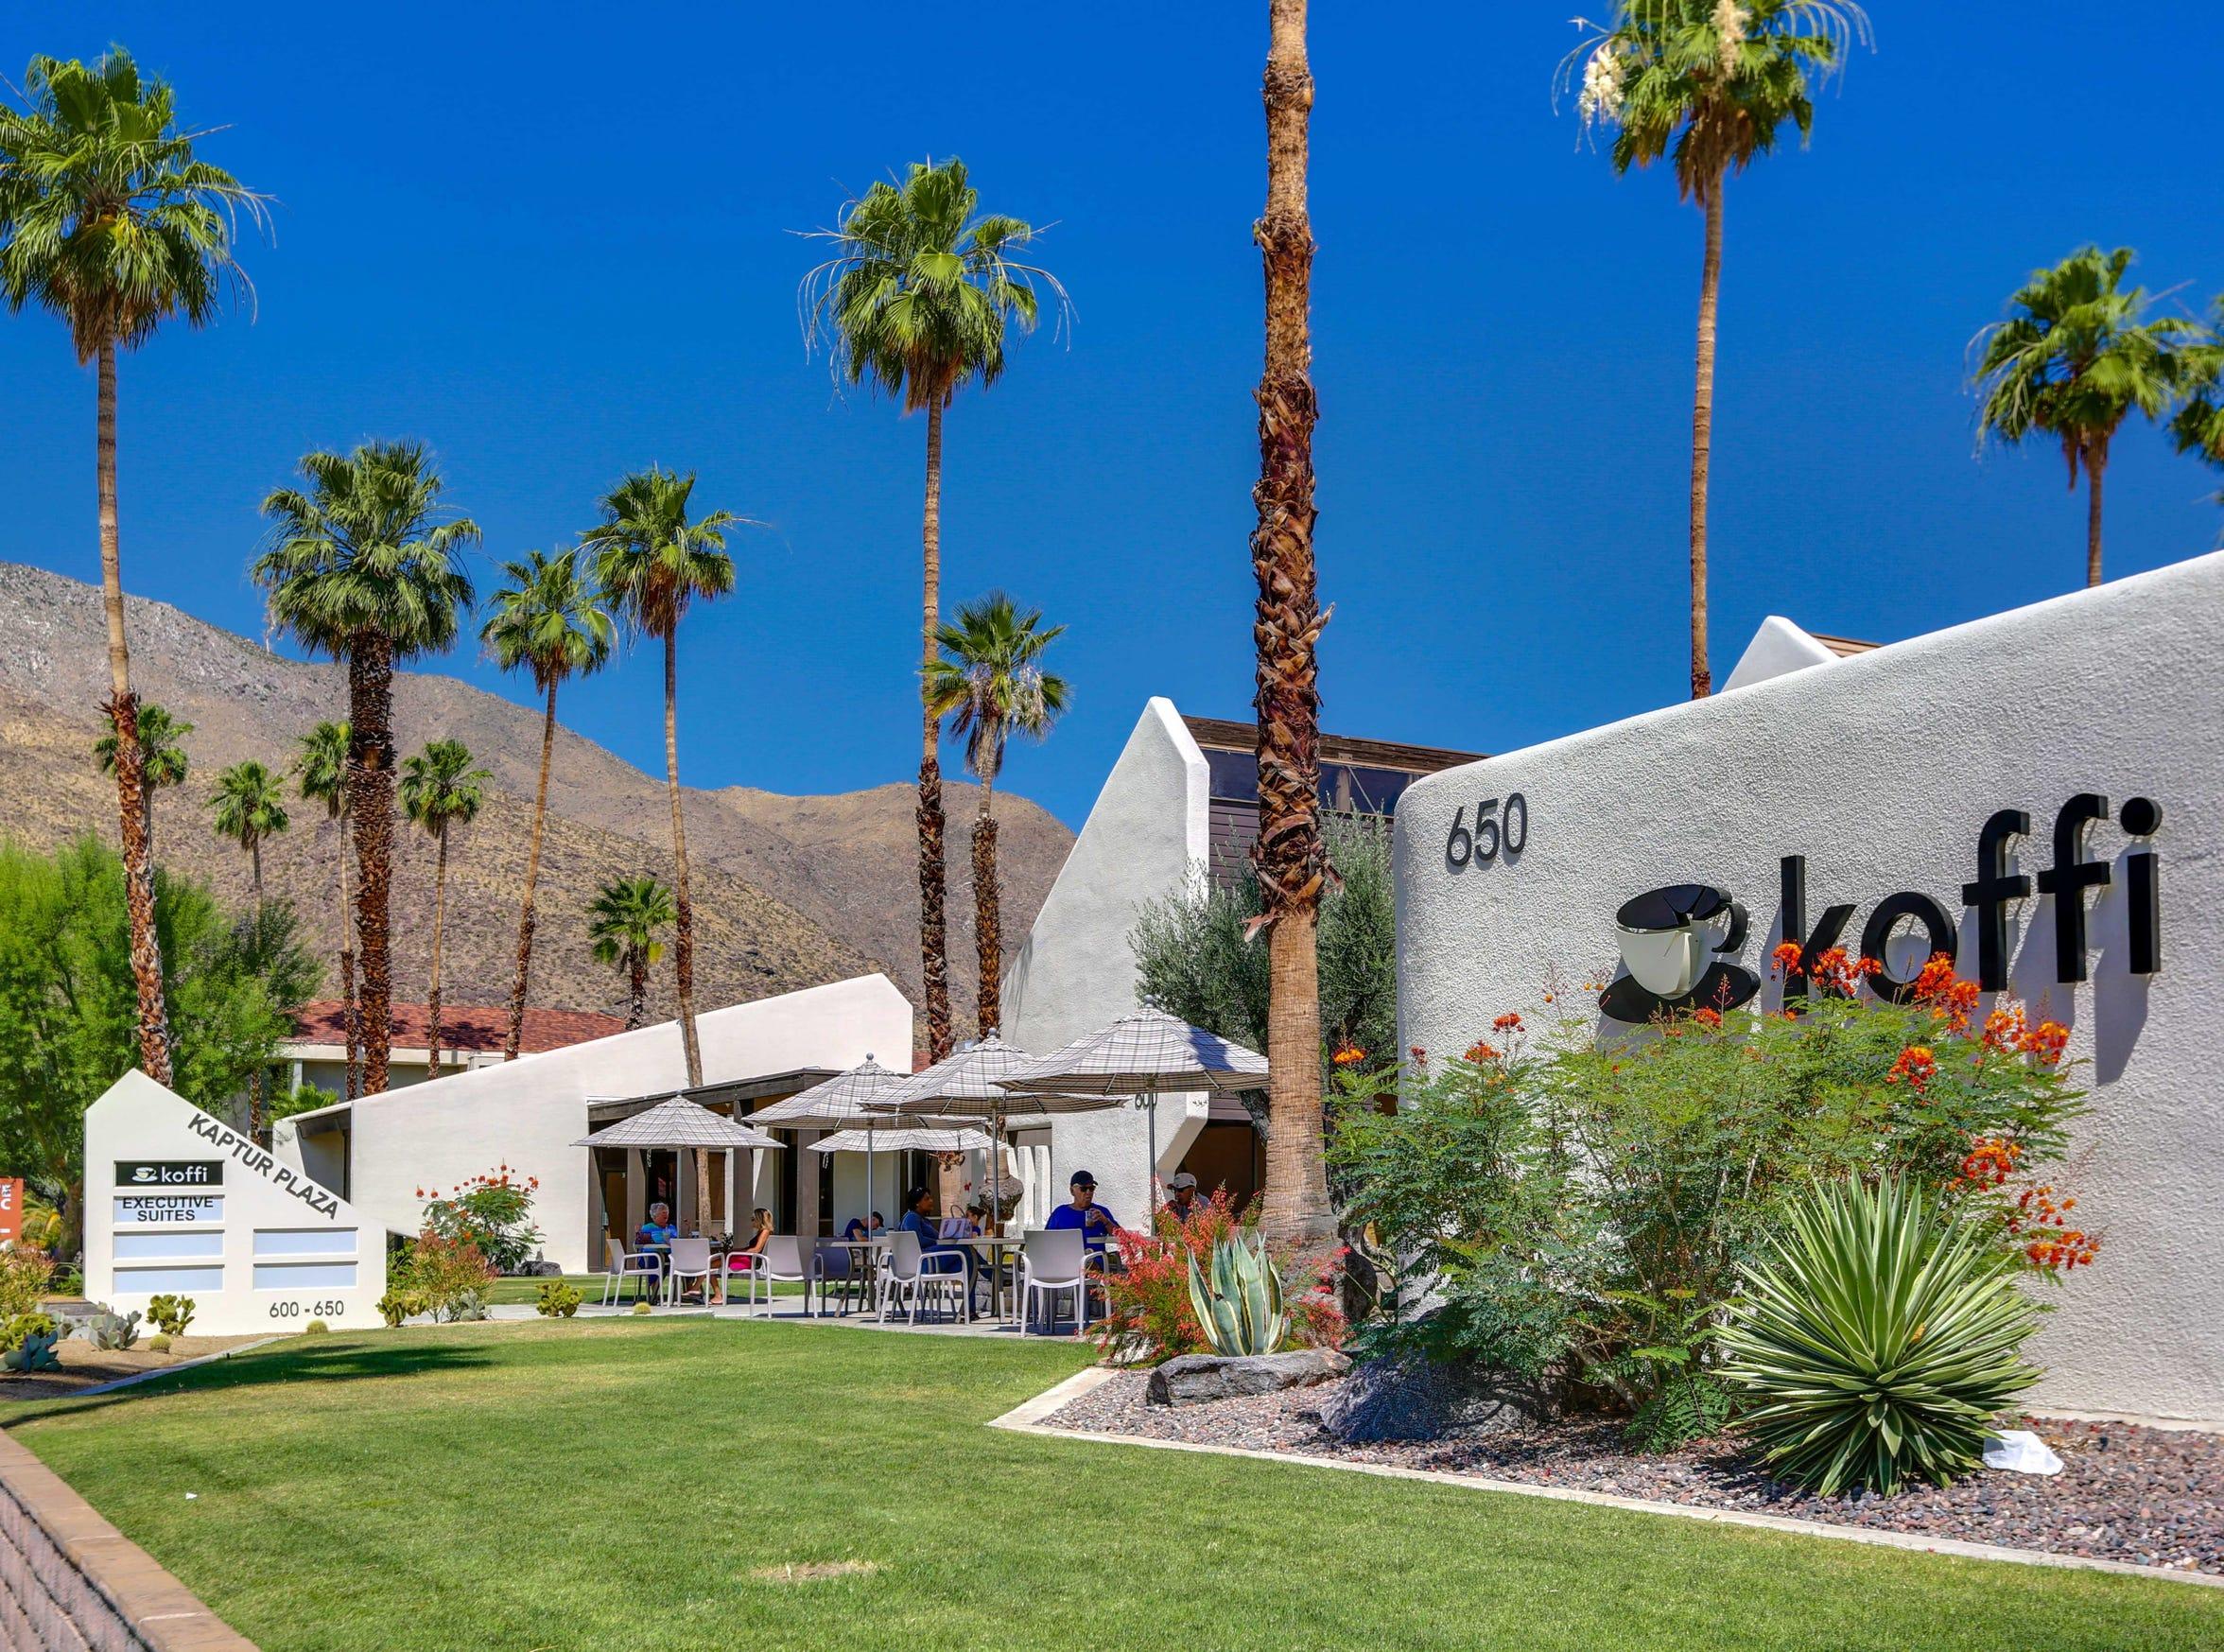 Koffi at 515 N Palm Canyon Drive, Palm Springs.